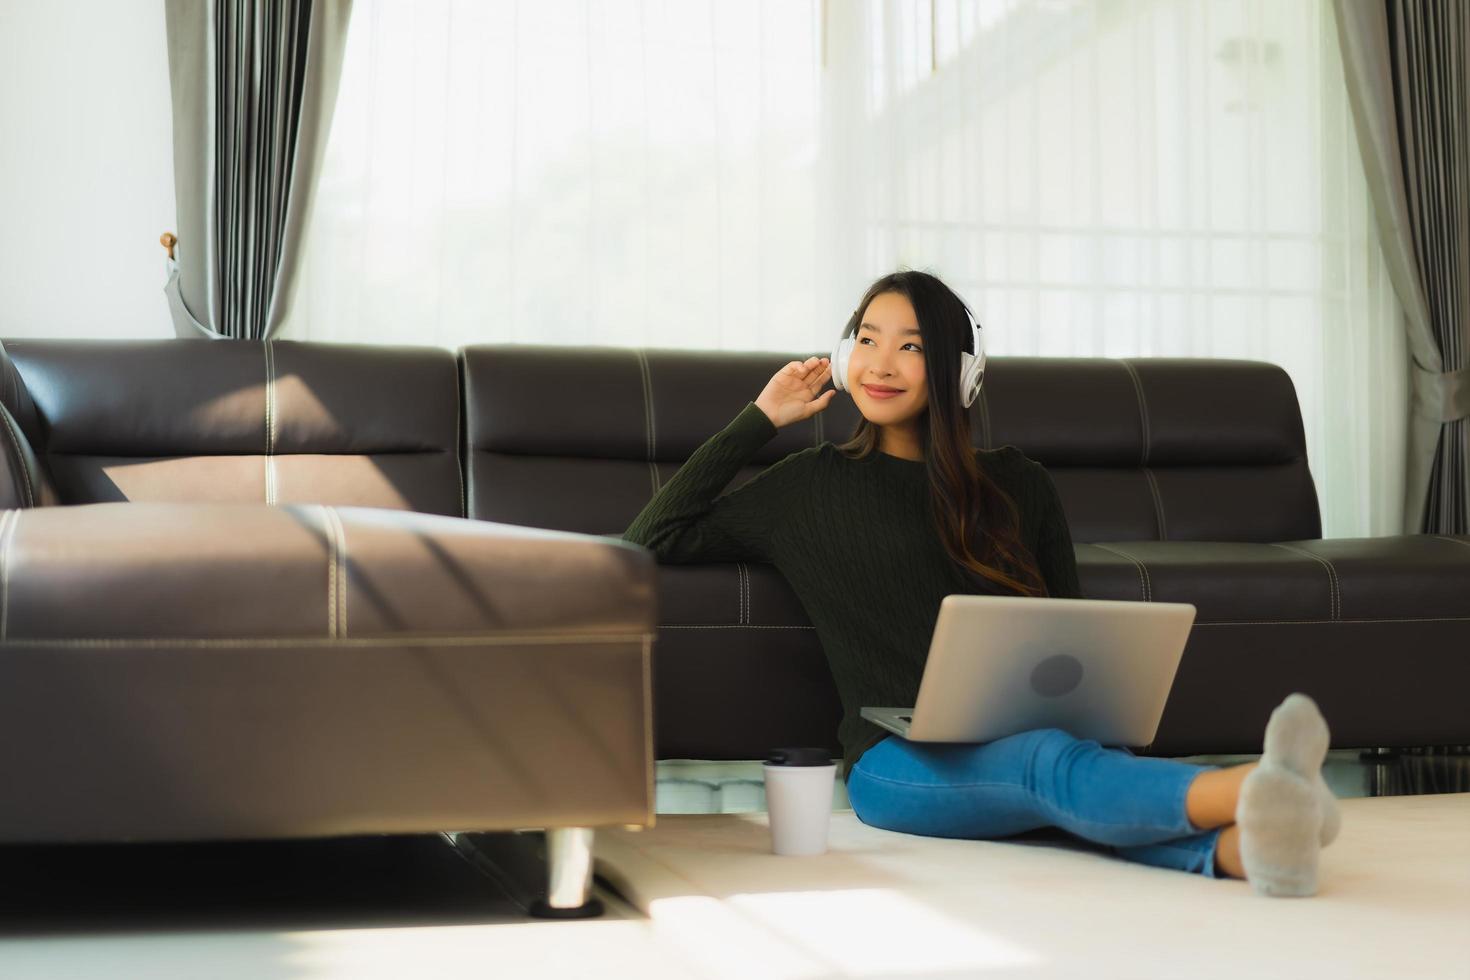 femme asiatique, écouter de la musique sur ordinateur portable photo